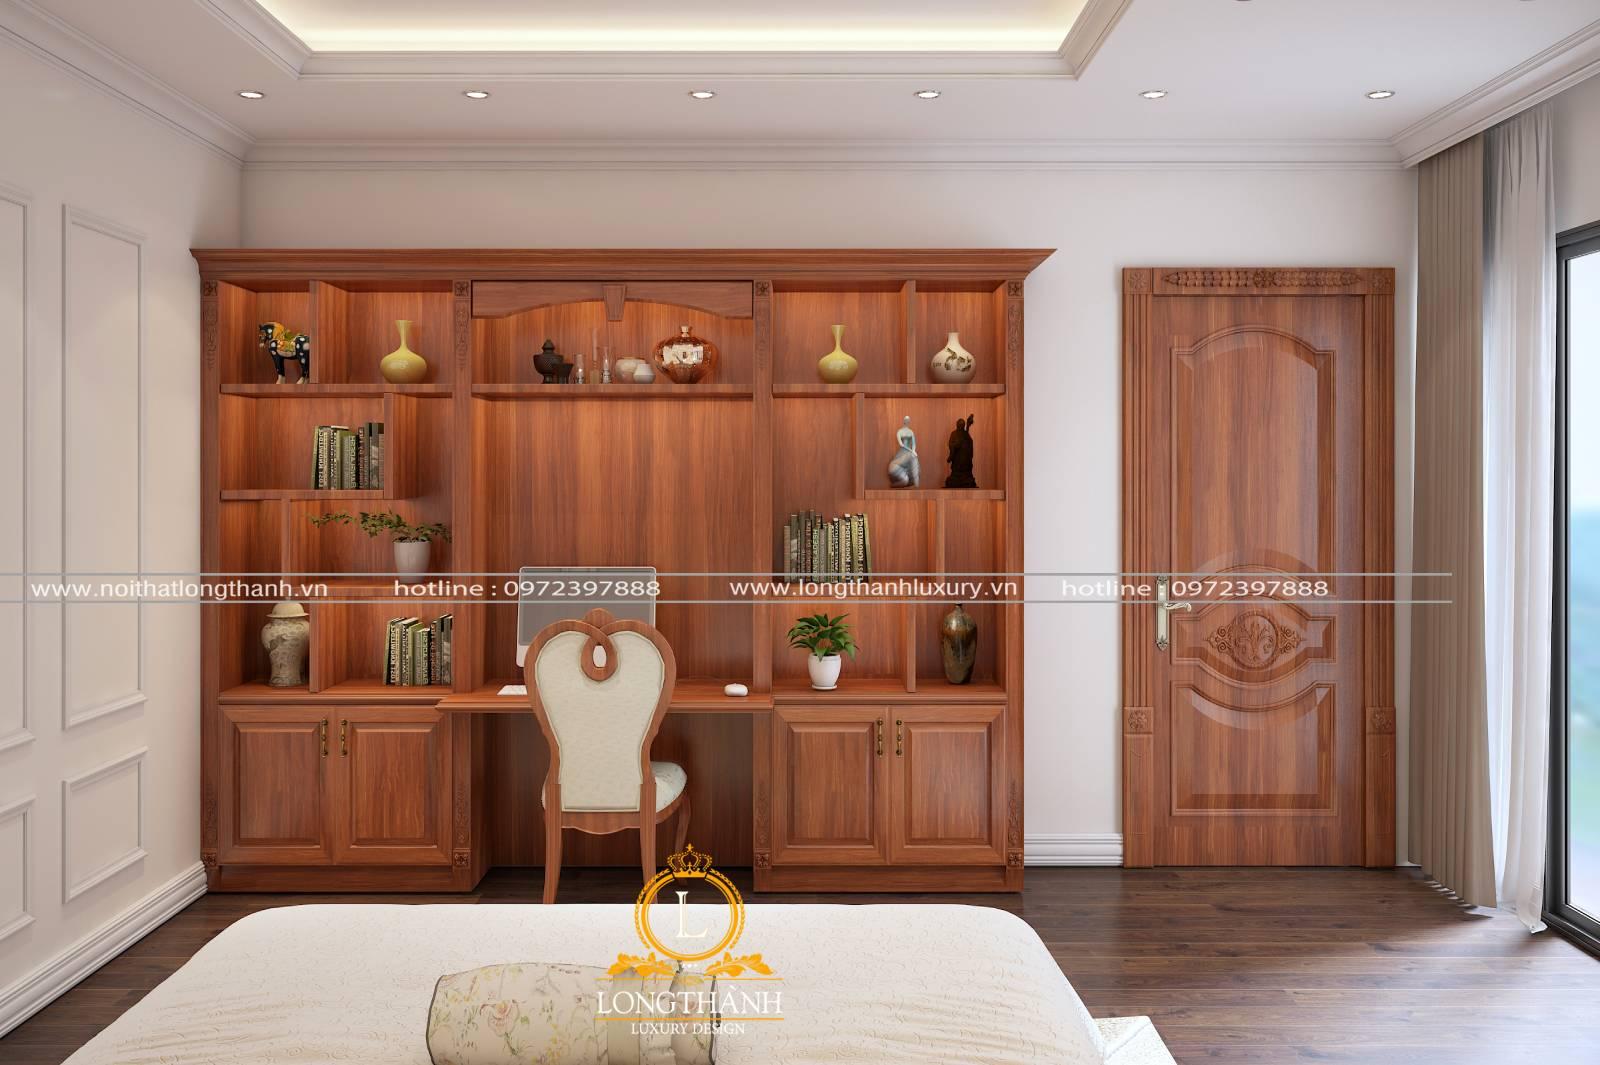 Cửa gỗ Căm xe thiết kế theo phong cách hiện đại dành cho phòng ngủ